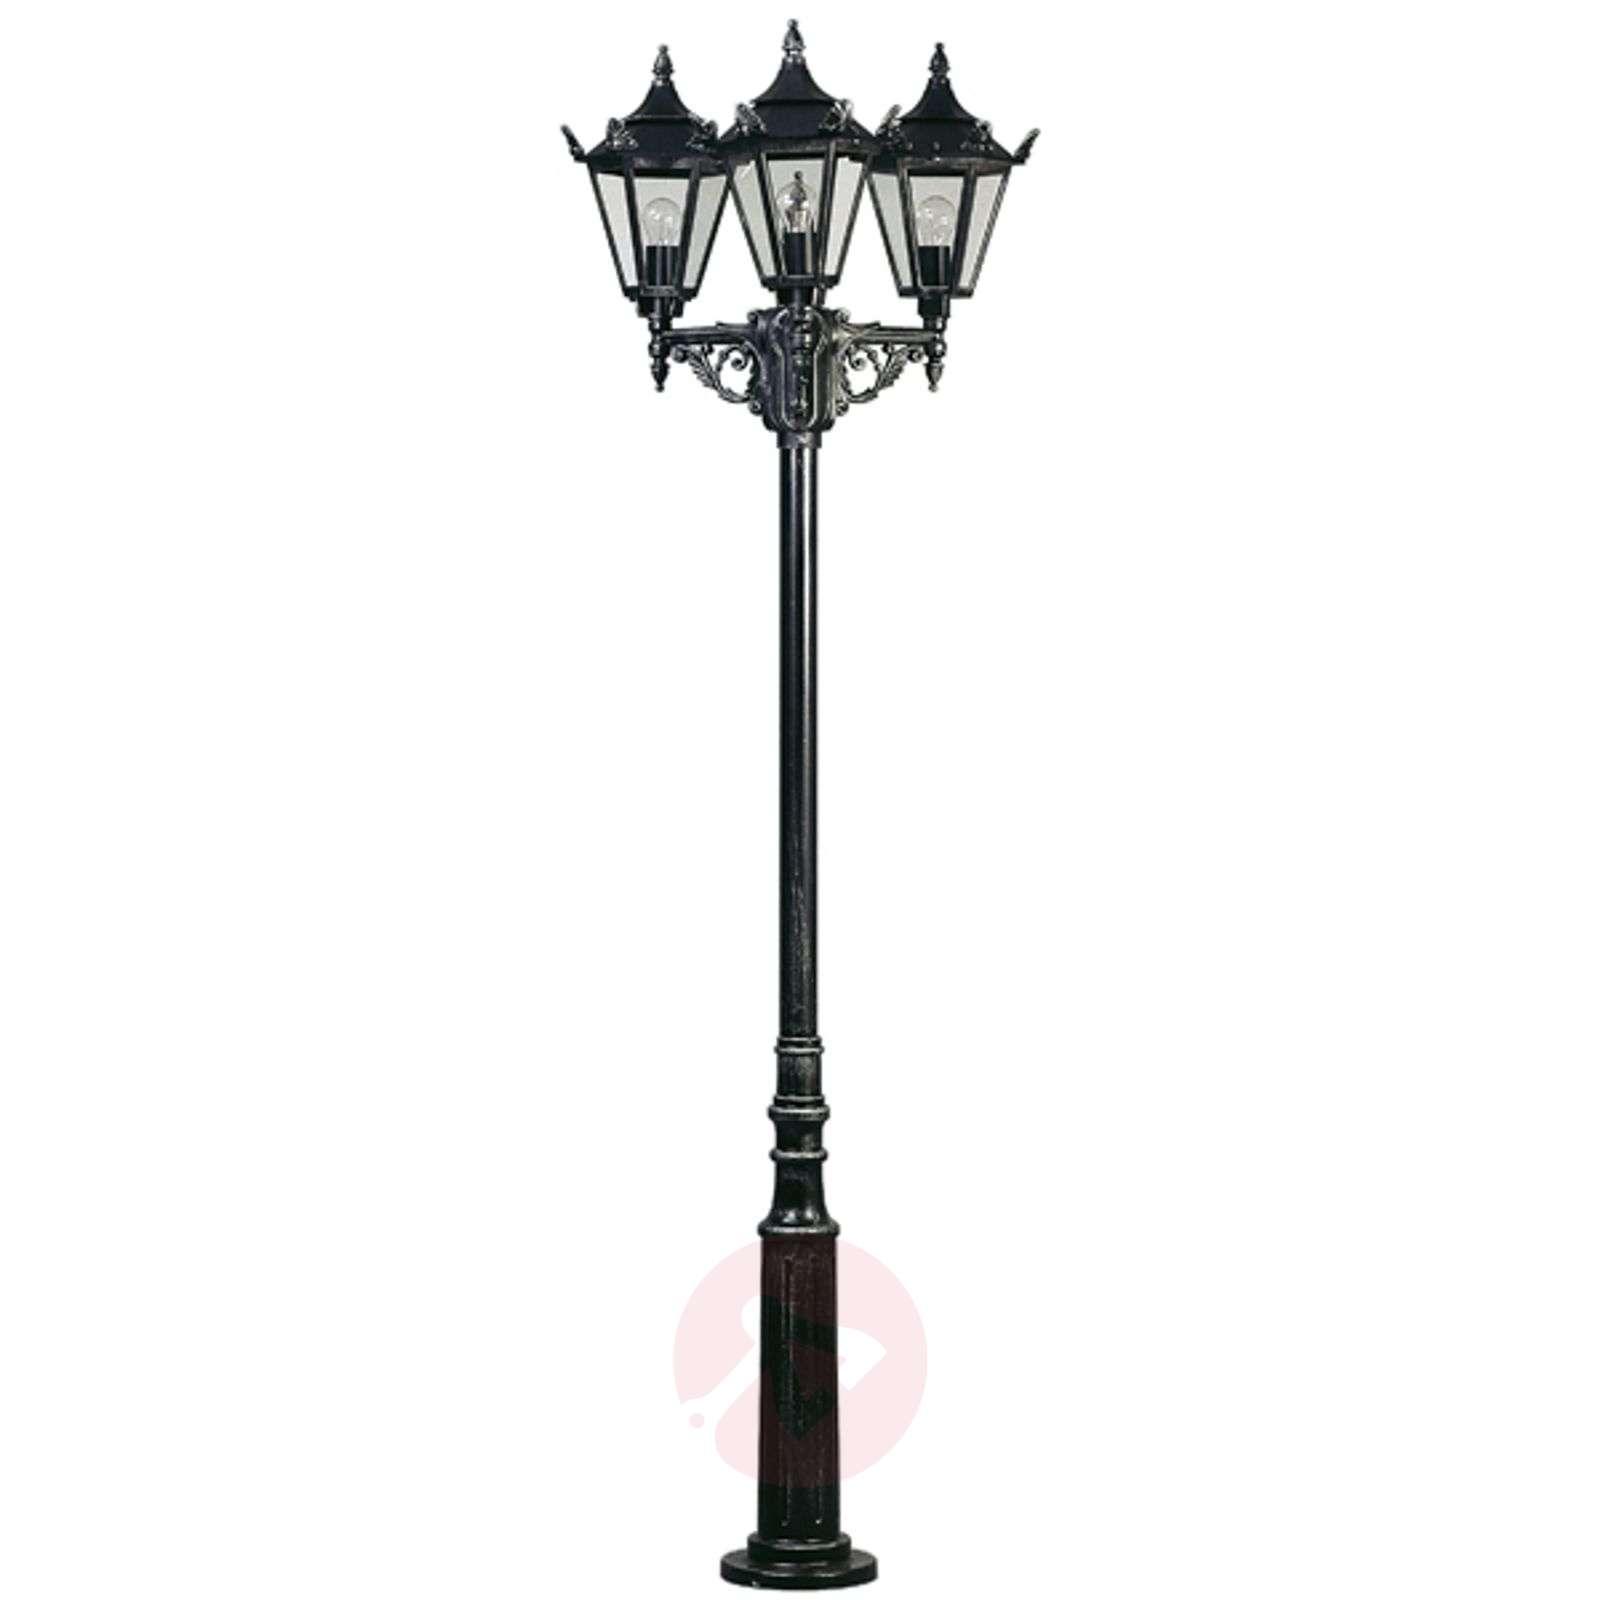 Maalaistyylinen lyhtypylväs 756 S, 3 lamppua-4001756-01